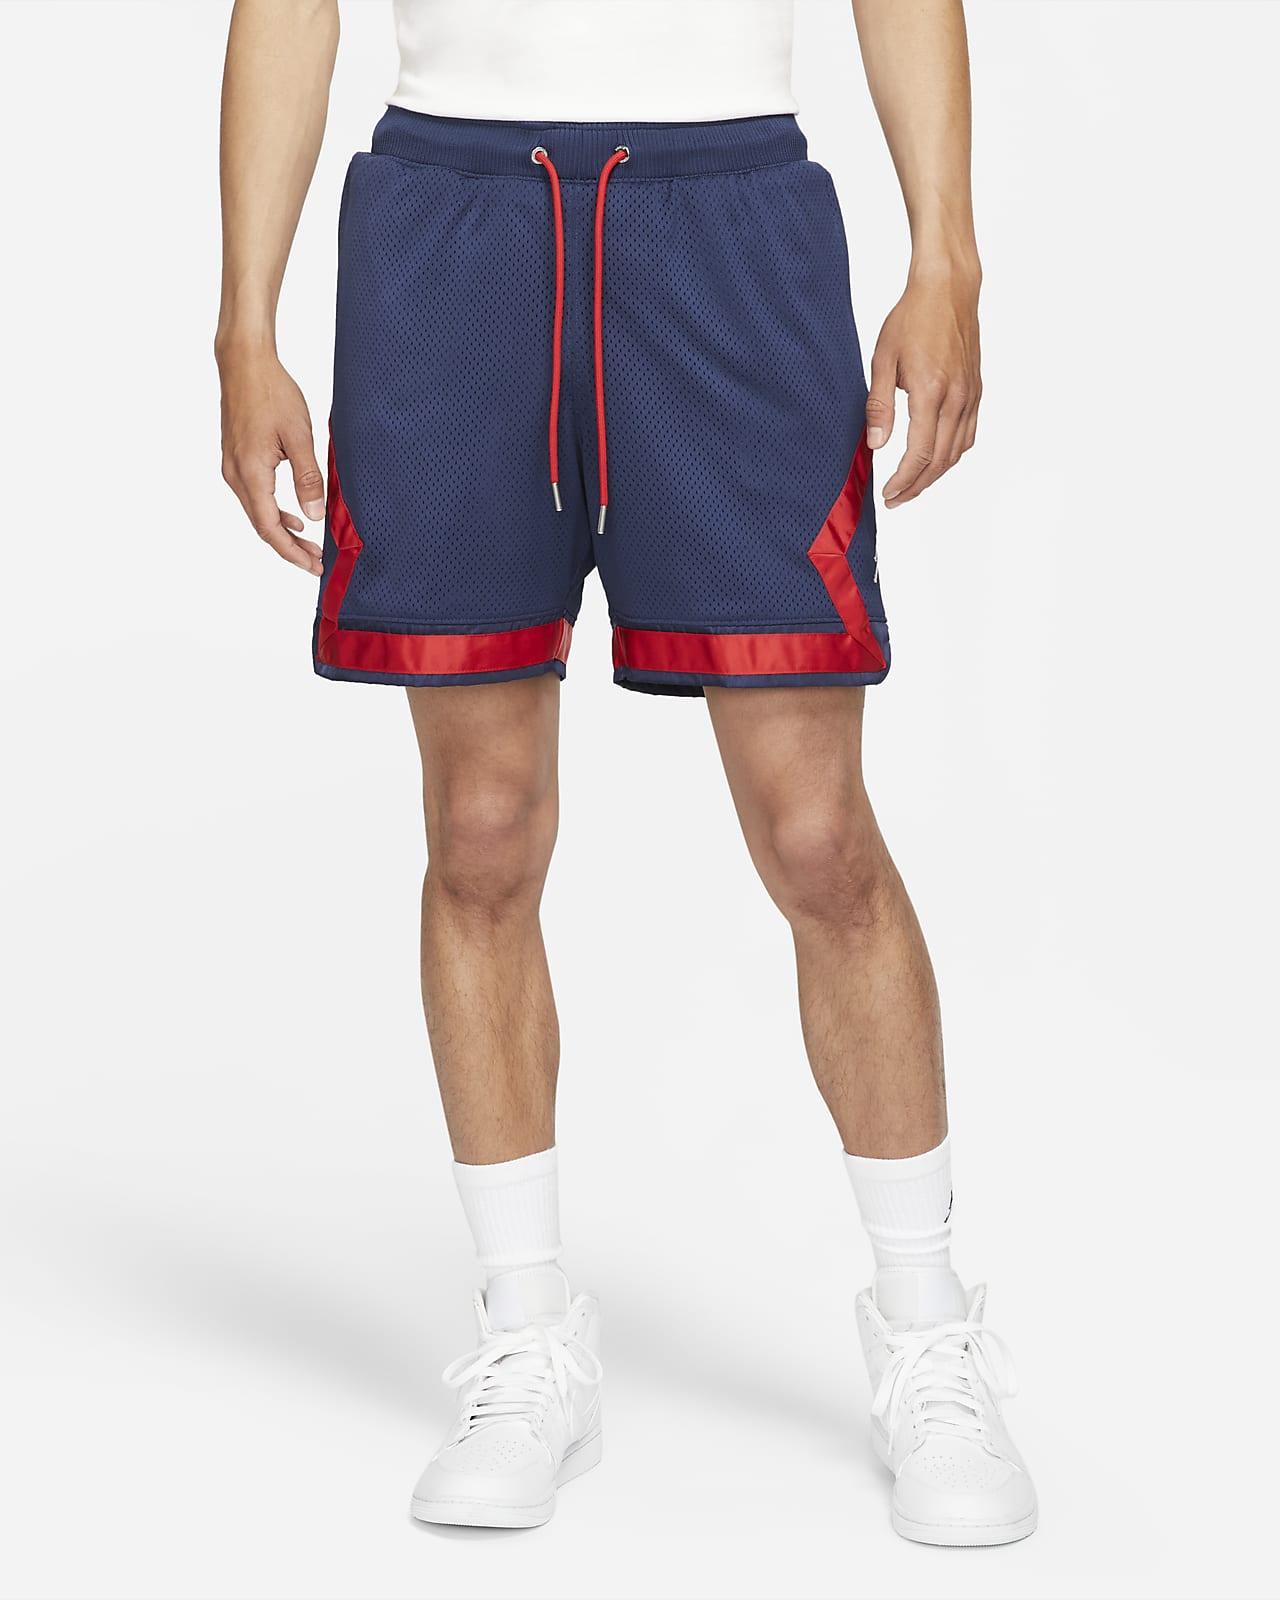 巴黎圣日耳曼 Diamond 男子短裤